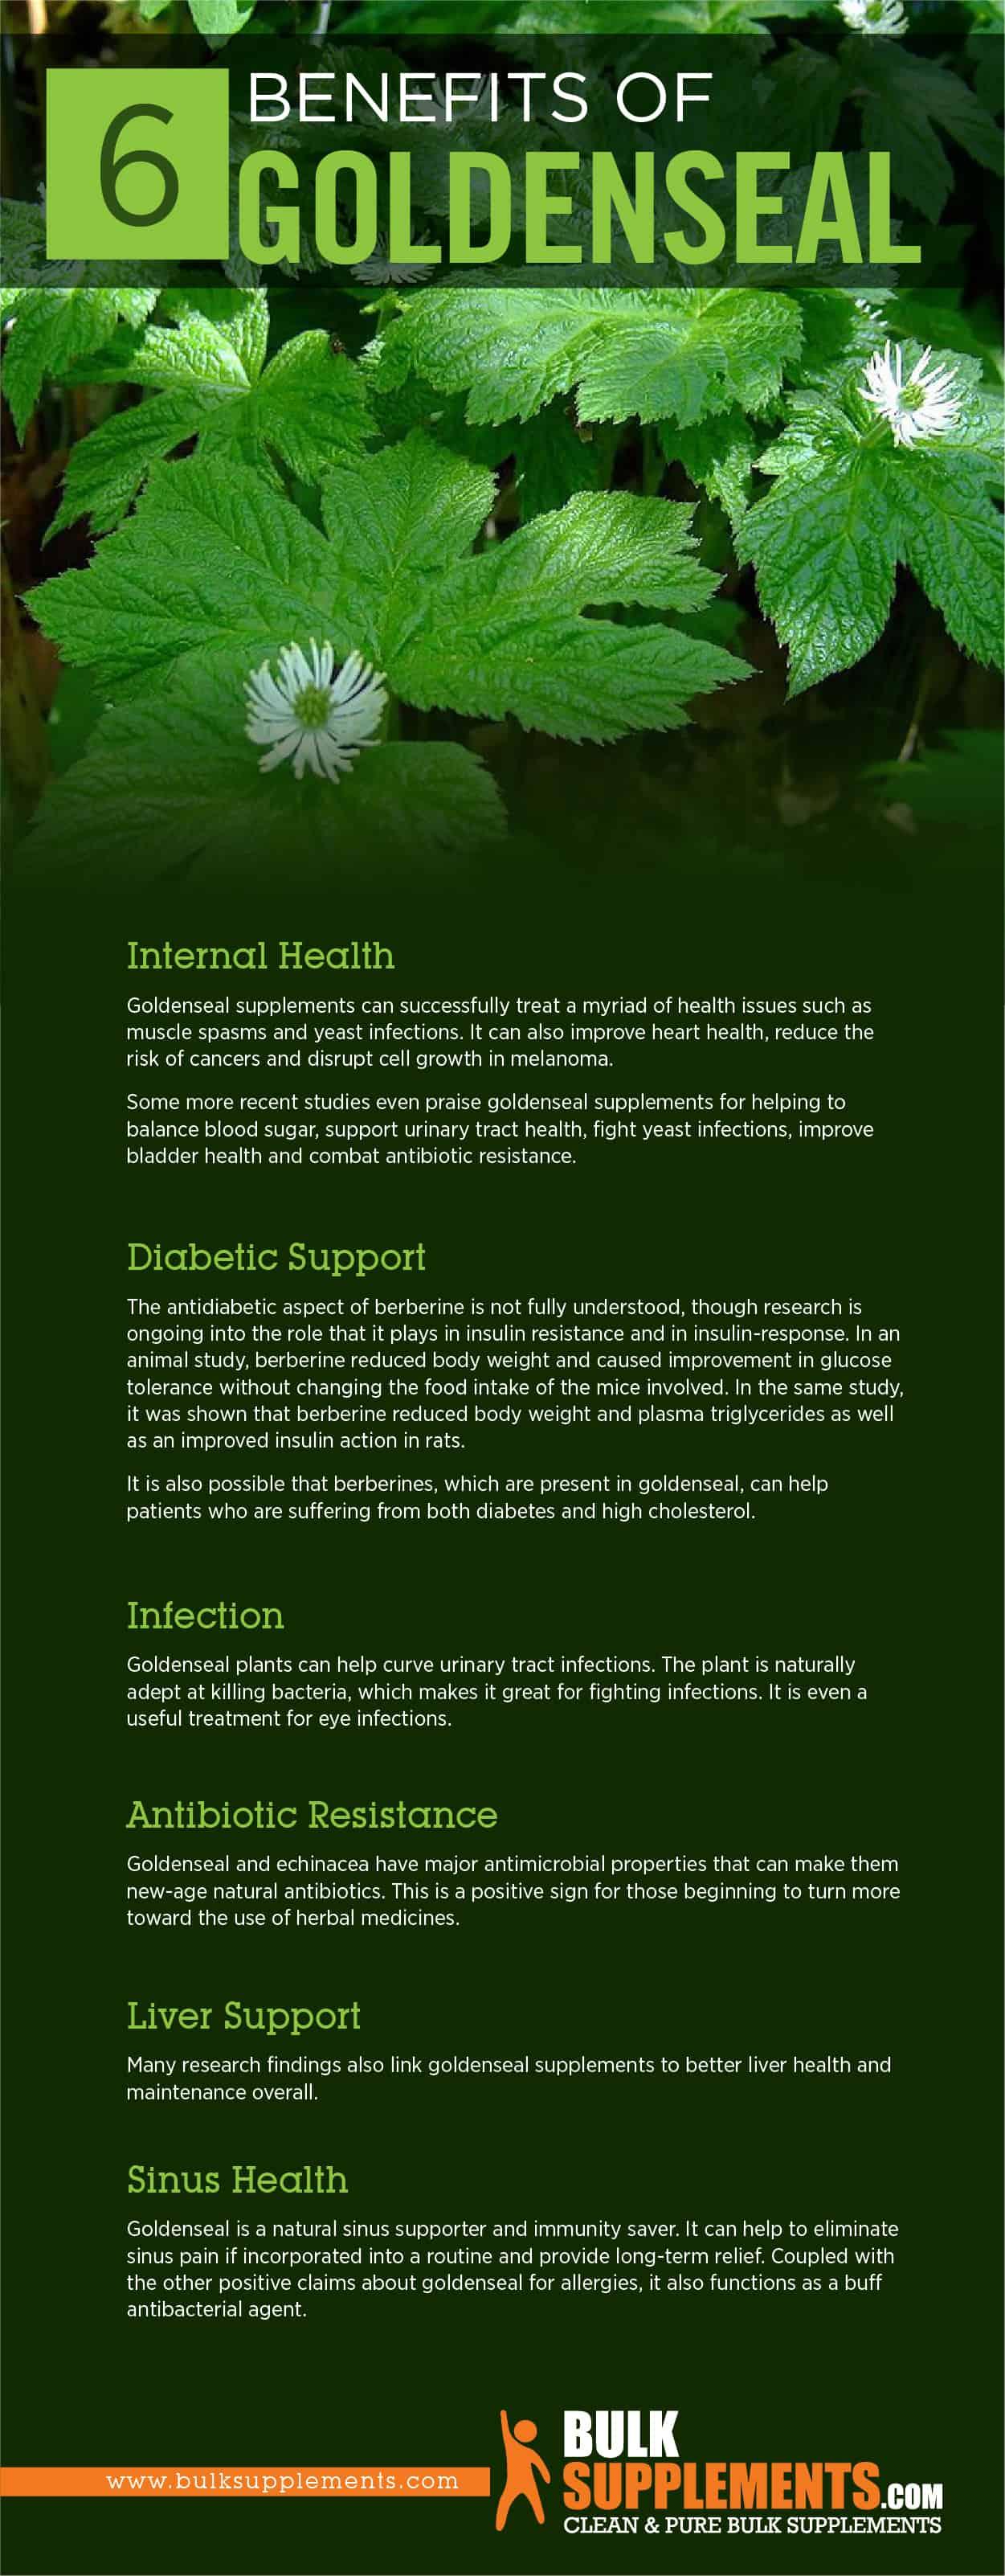 Goldenseal: Benefits, Side Effects & Dosage